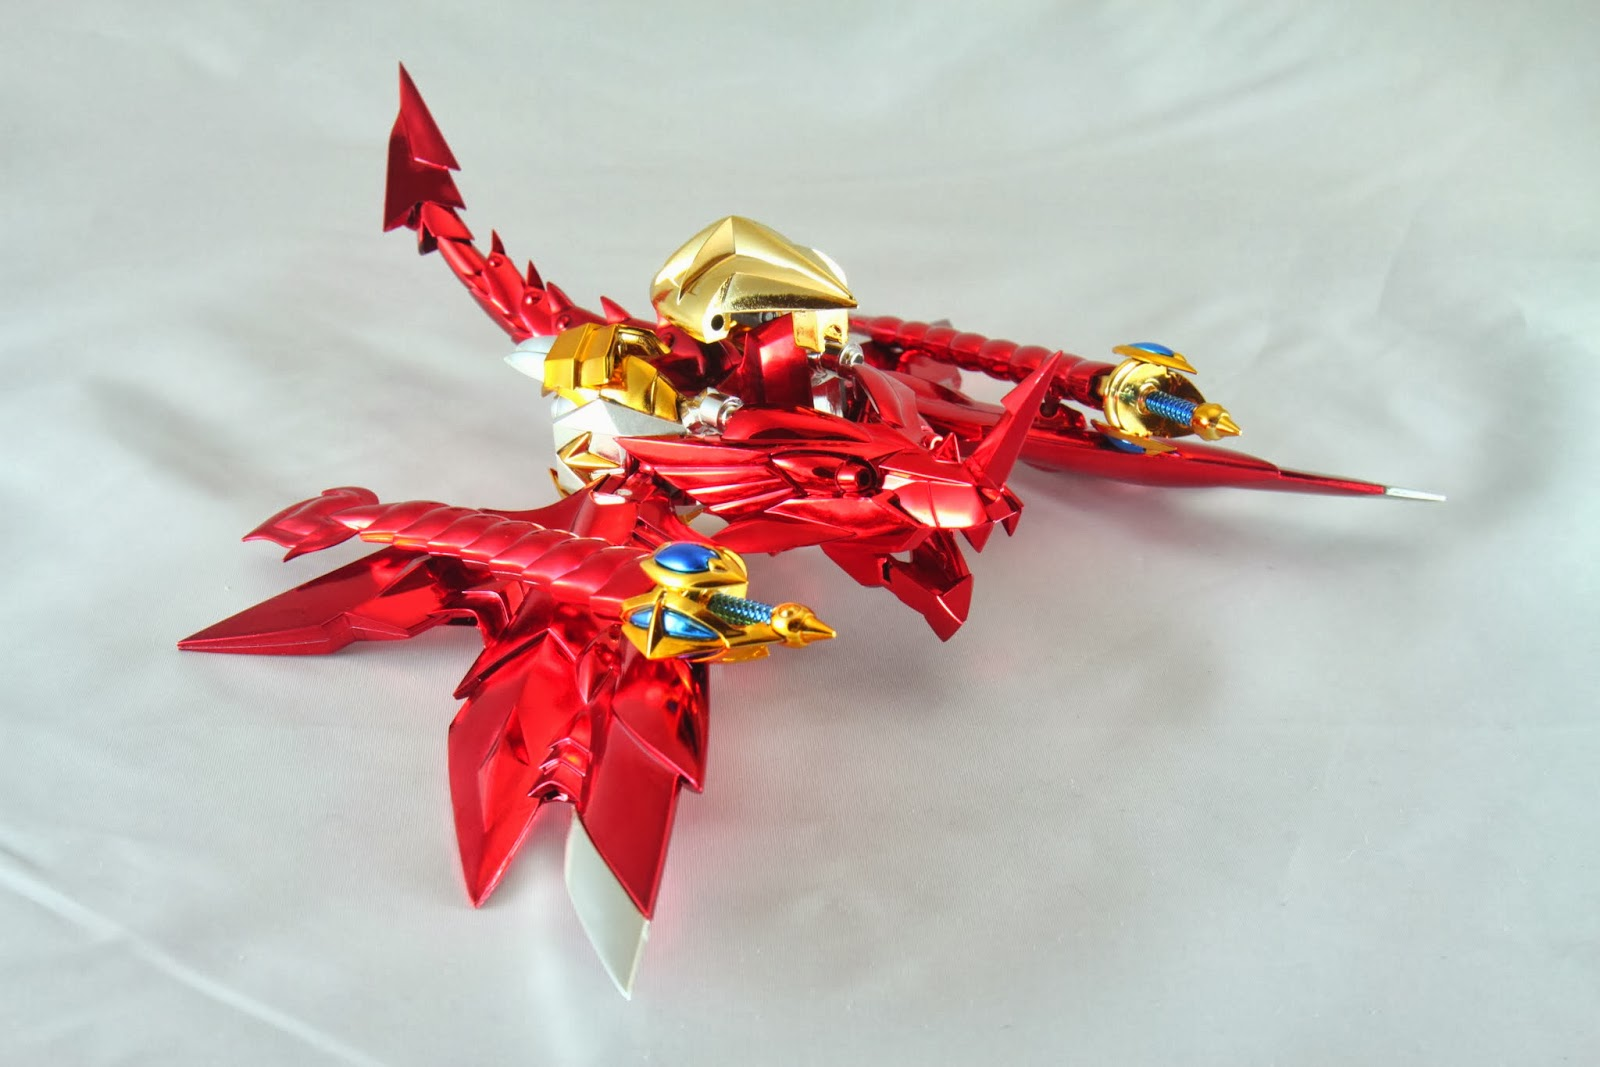 ドラグフリューゲル 守護獸,簡單說是武器架